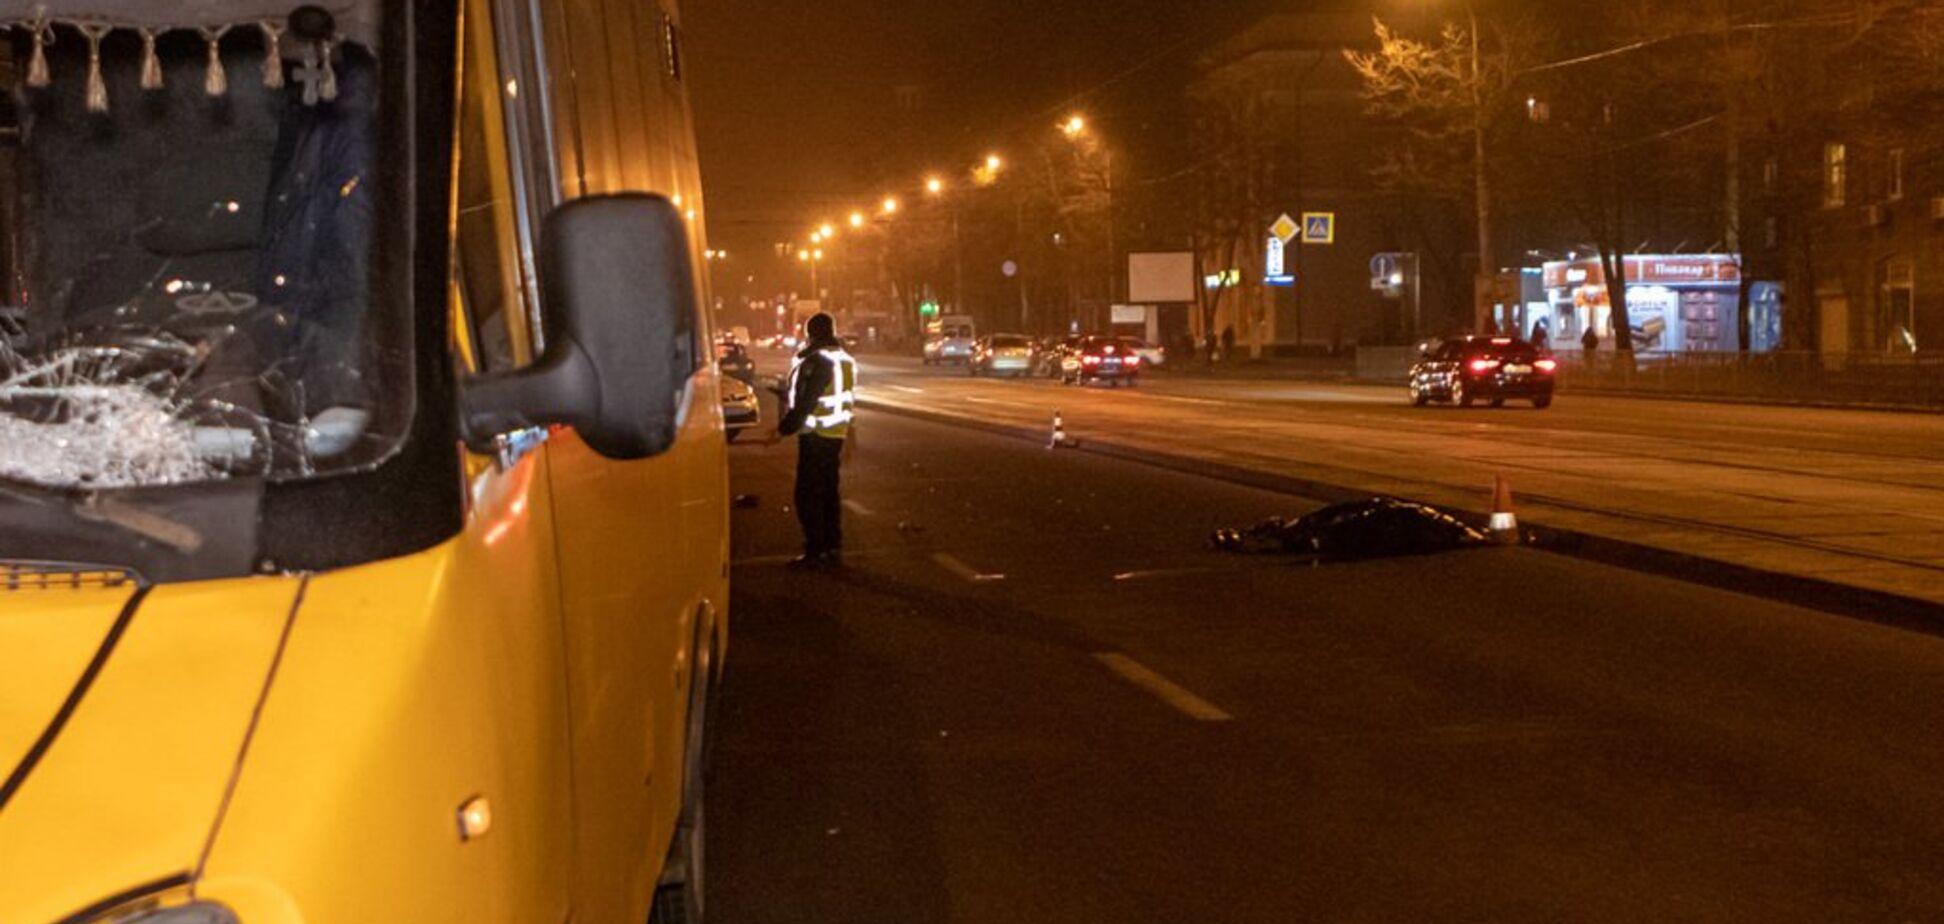 В Днепре маршрутка насмерть сбила женщину: жуткие фото и видео 18+